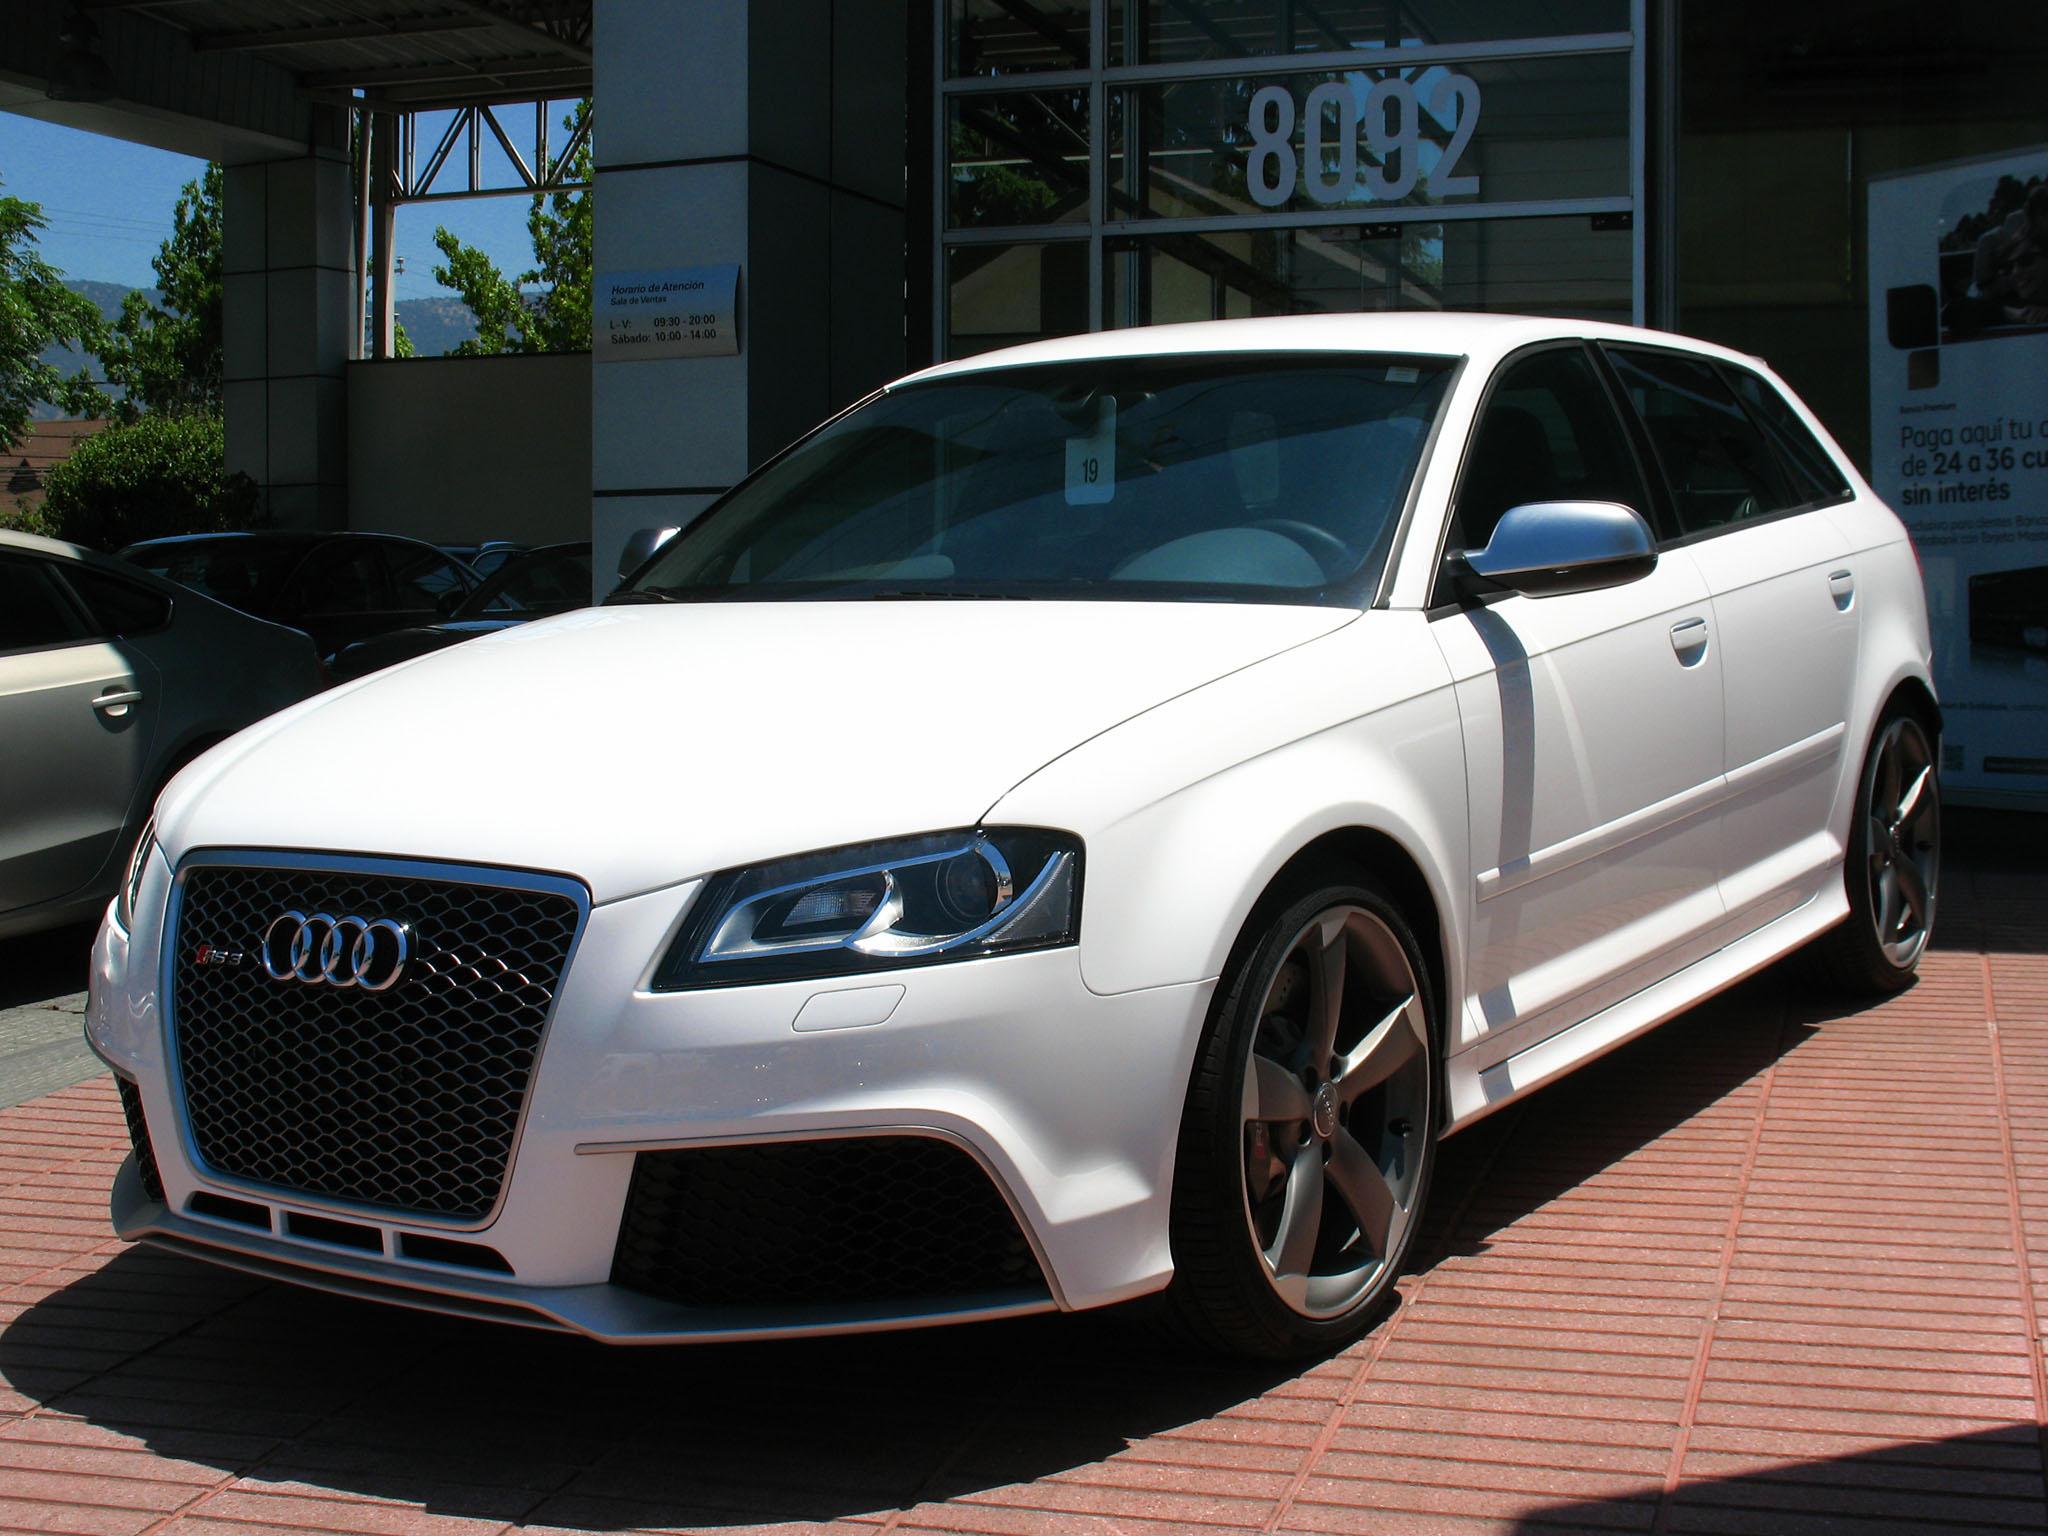 Audi rs3 wiki plugs 17